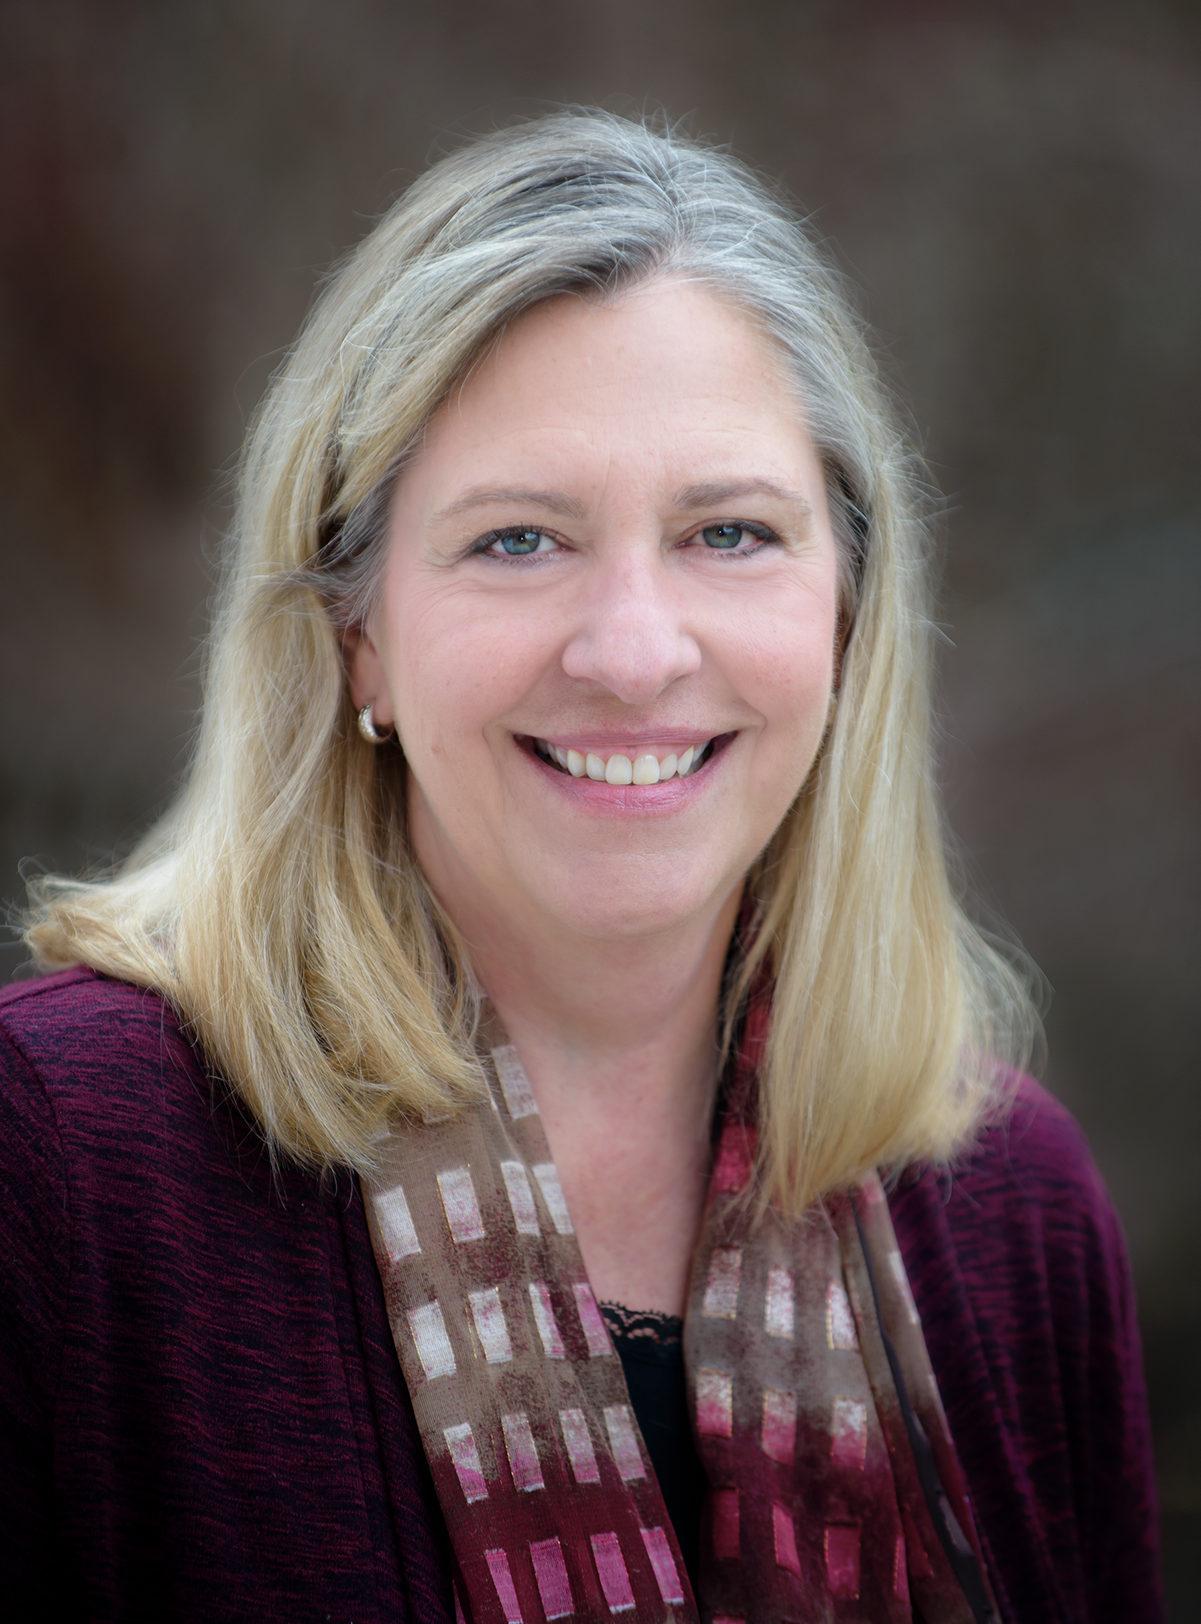 Susan Kempski